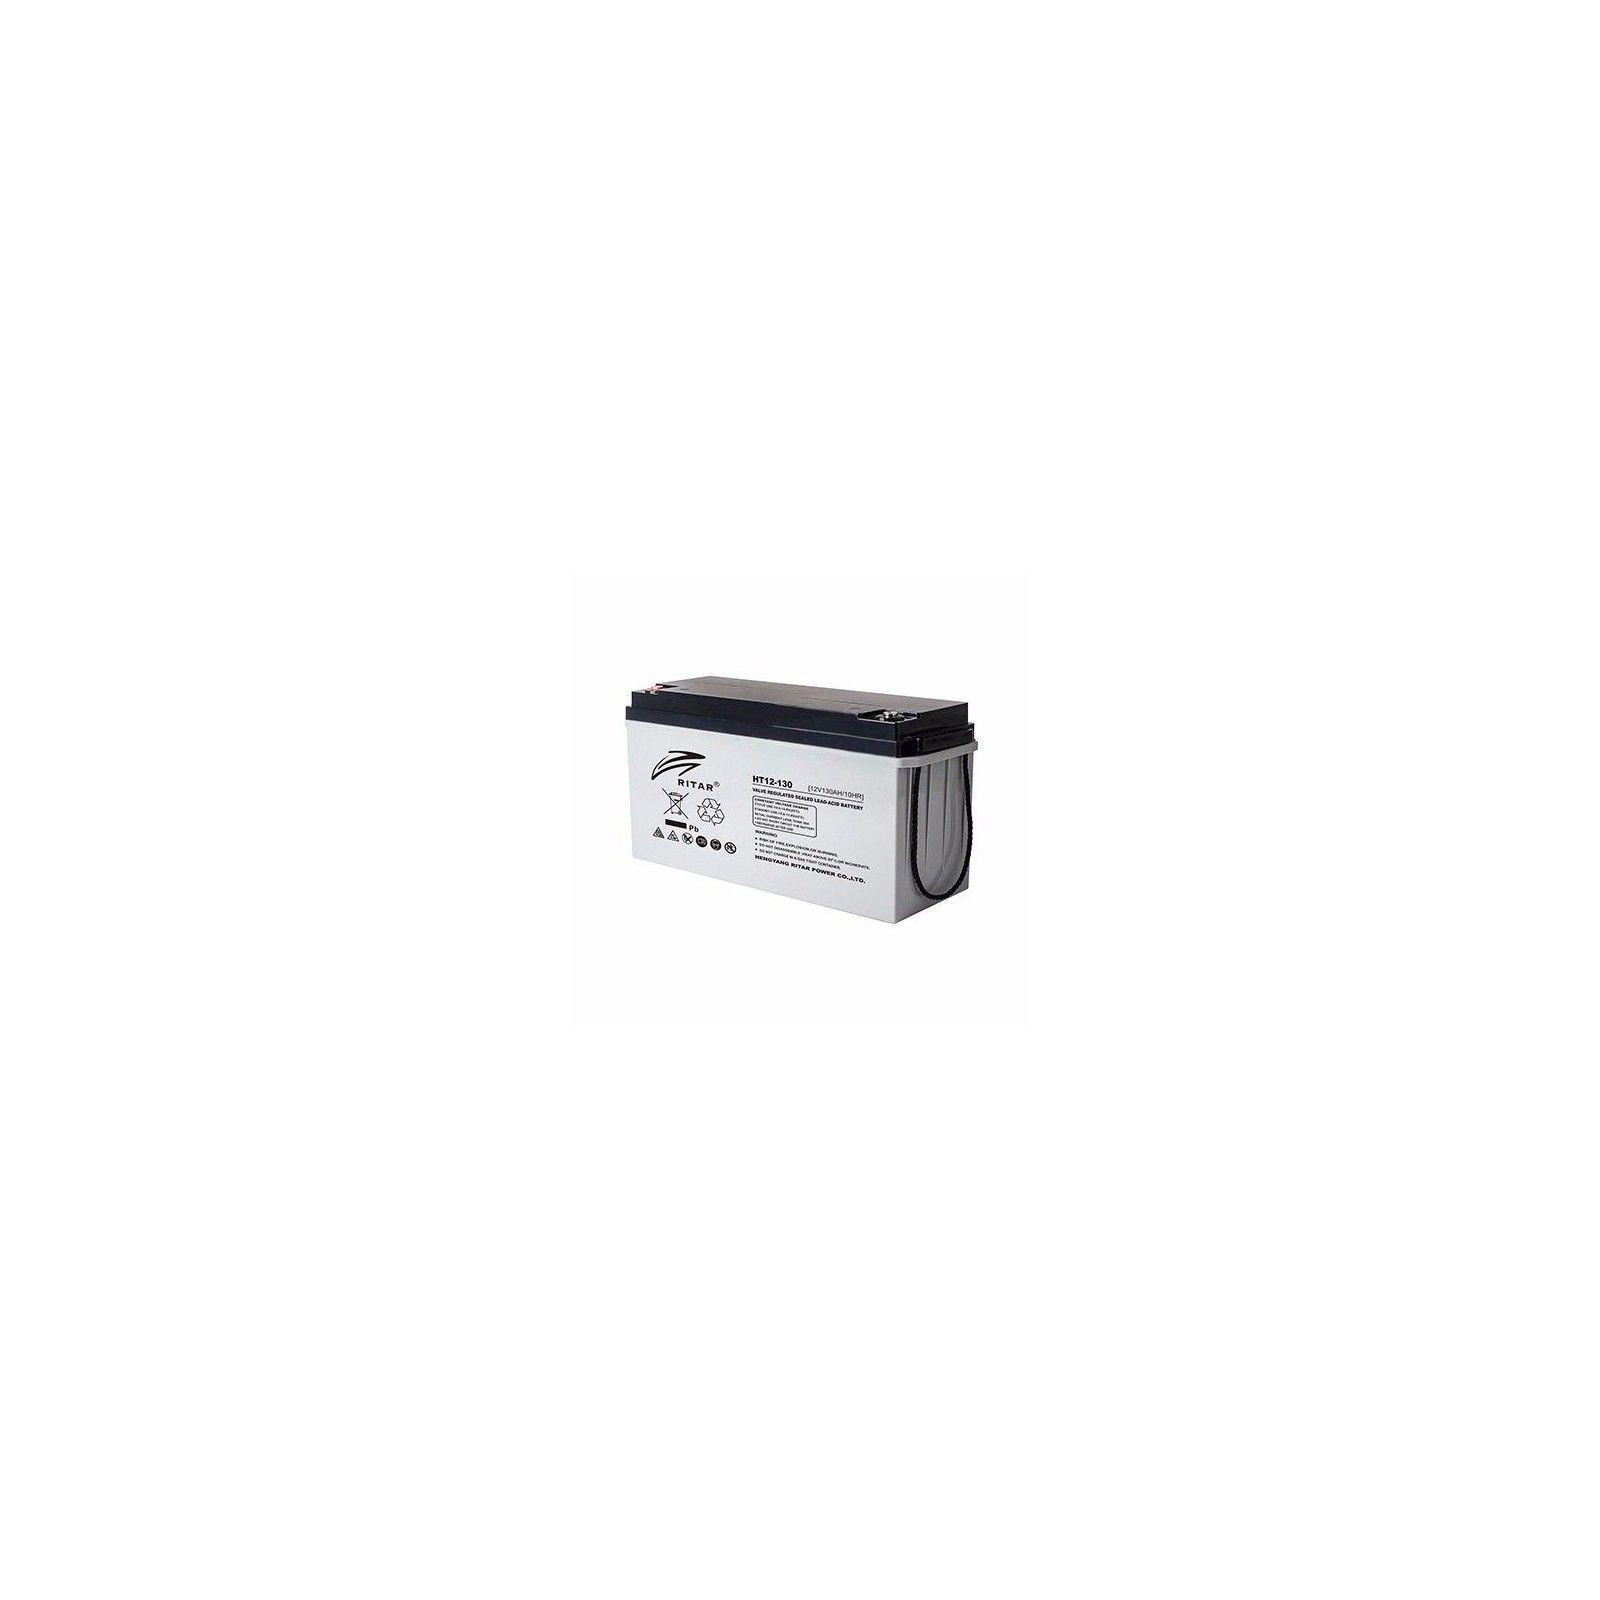 Batería Ritar HT12-90 95,2Ah 12V Ht RITAR - 1